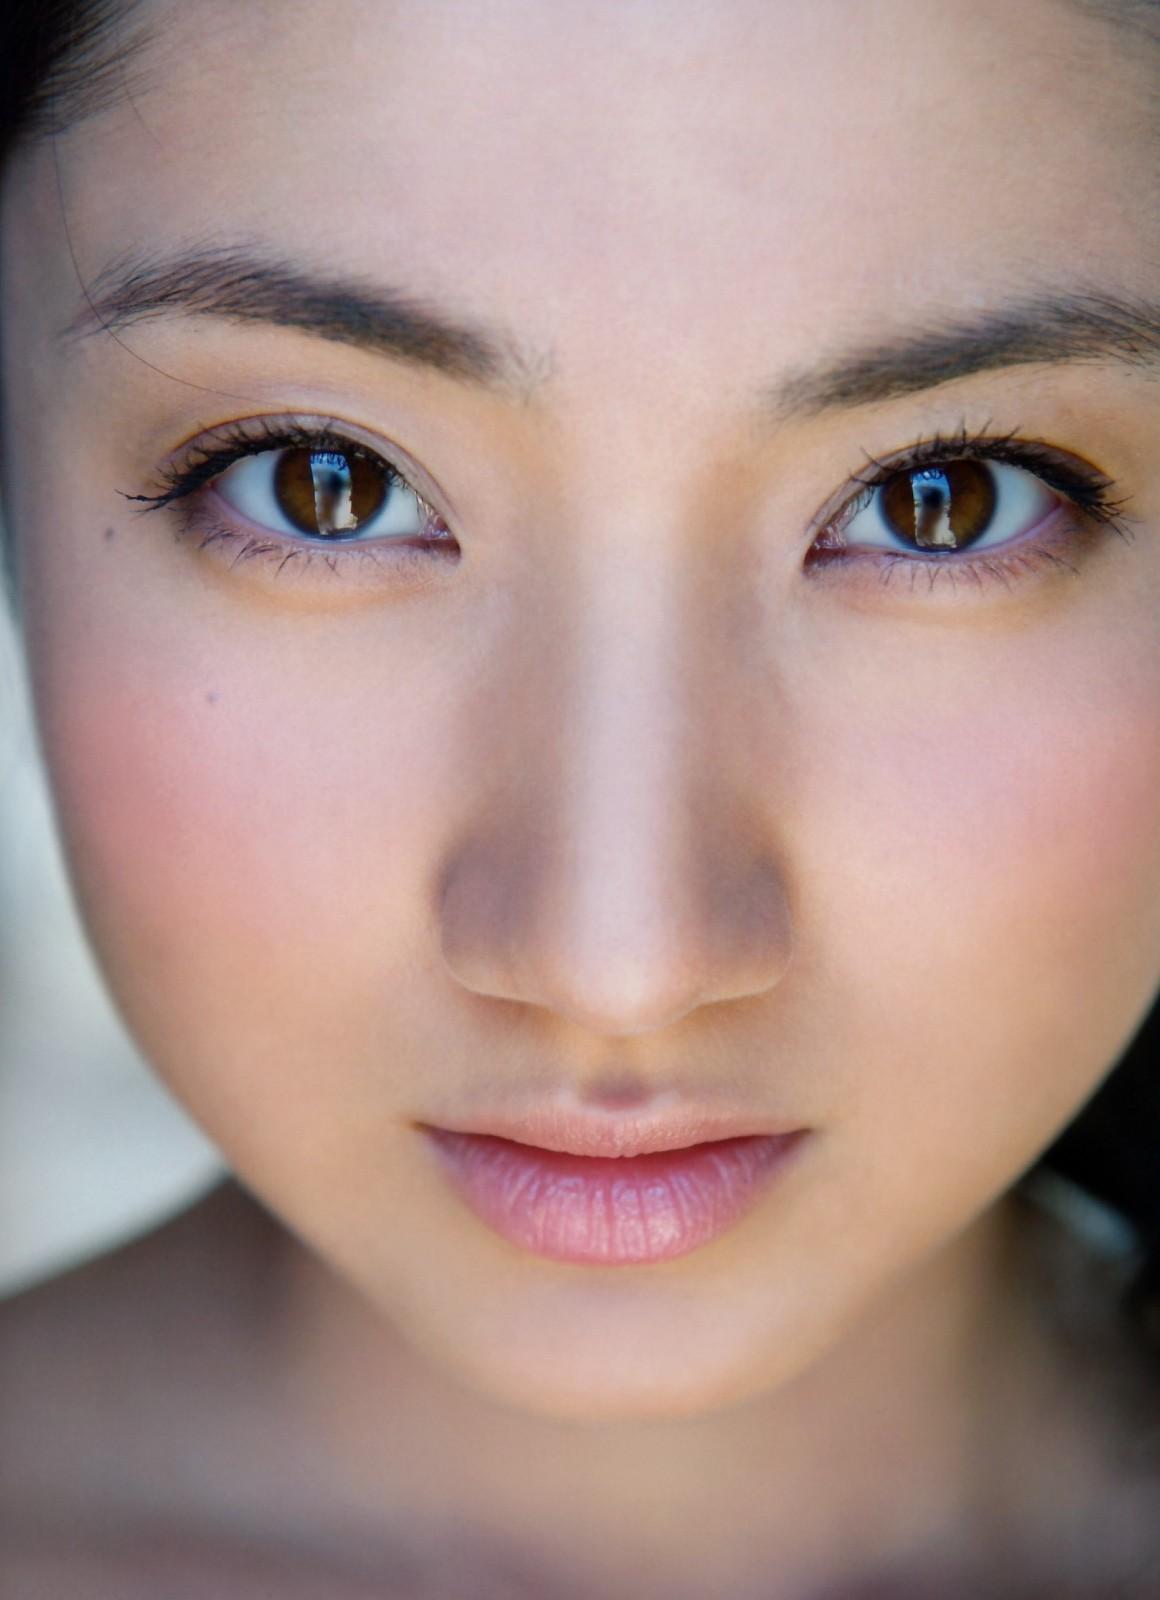 монгольские глаза фото это интересно отойти